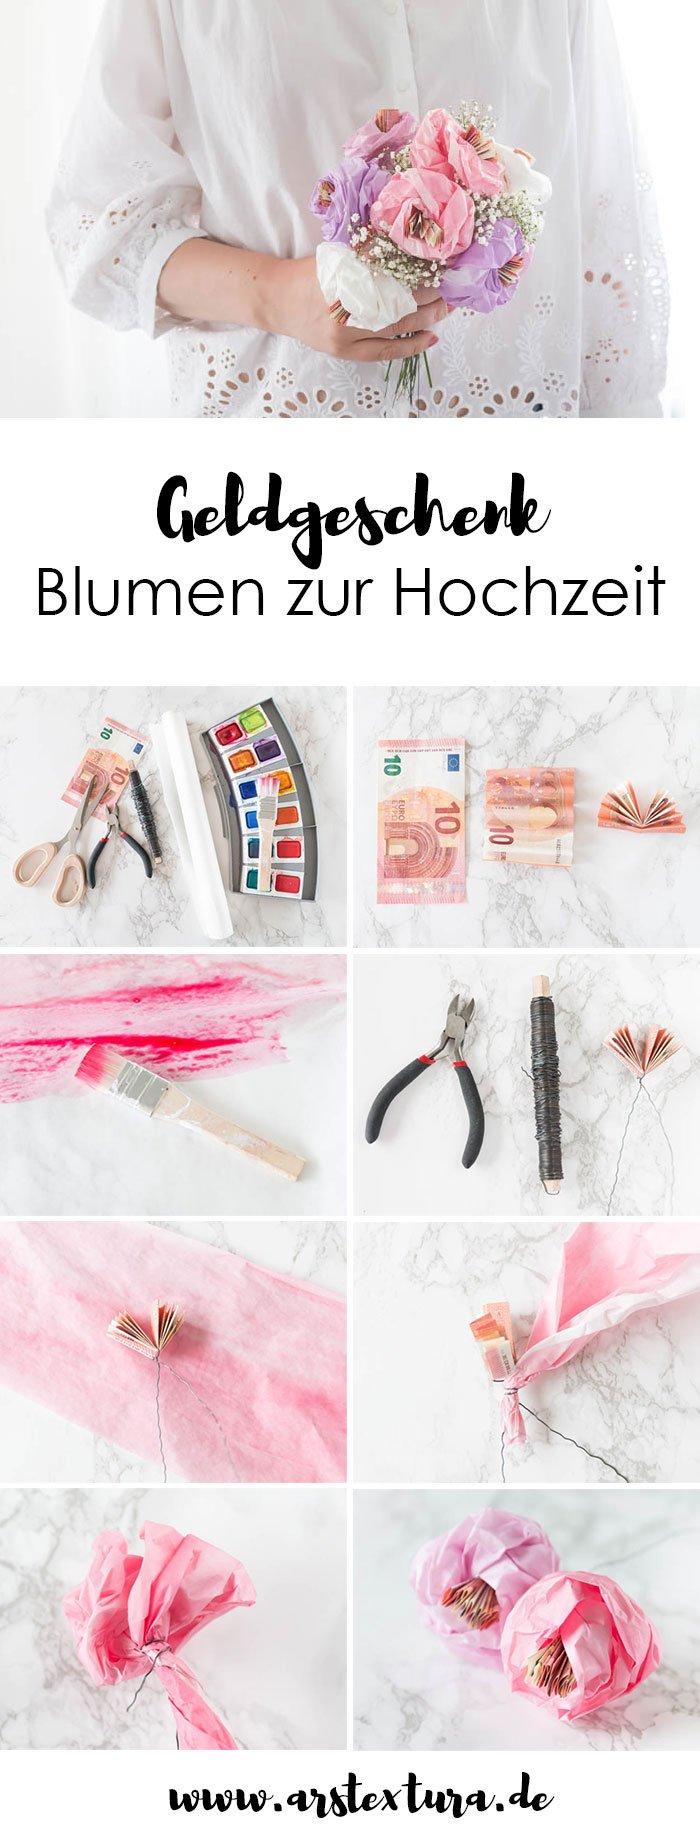 Geldgeschenk zur Hochzeit basteln – Blumen aus Papier selber machen | Geldgeschenk Hochzeit - ars textura - DIY-Blog und DIY Ideen